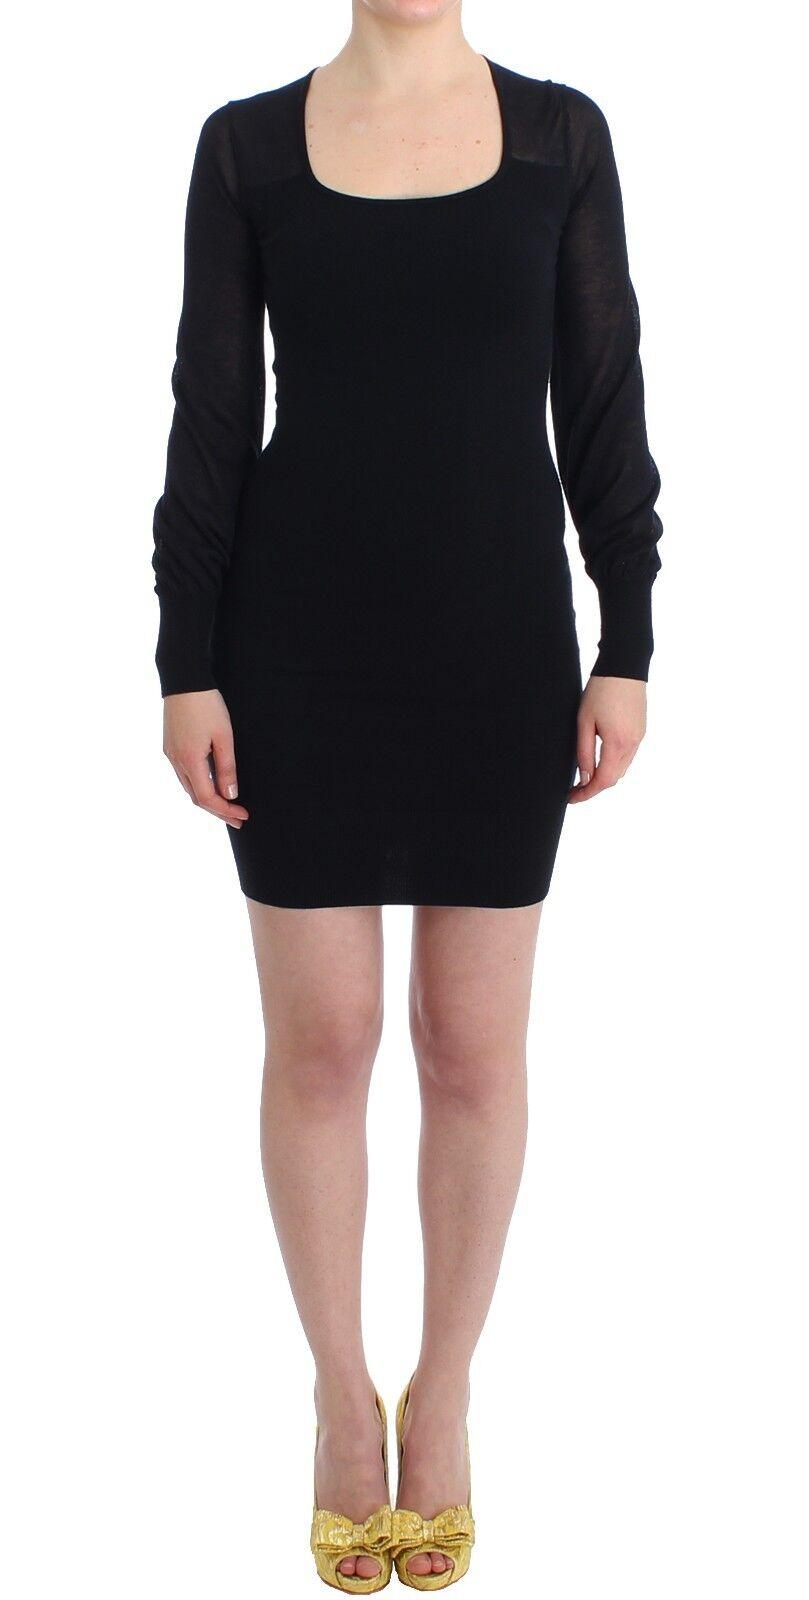 NWT  GF Gianfranco Ferre Longsleeved Knitted schwarz Sweater Dress XS US4